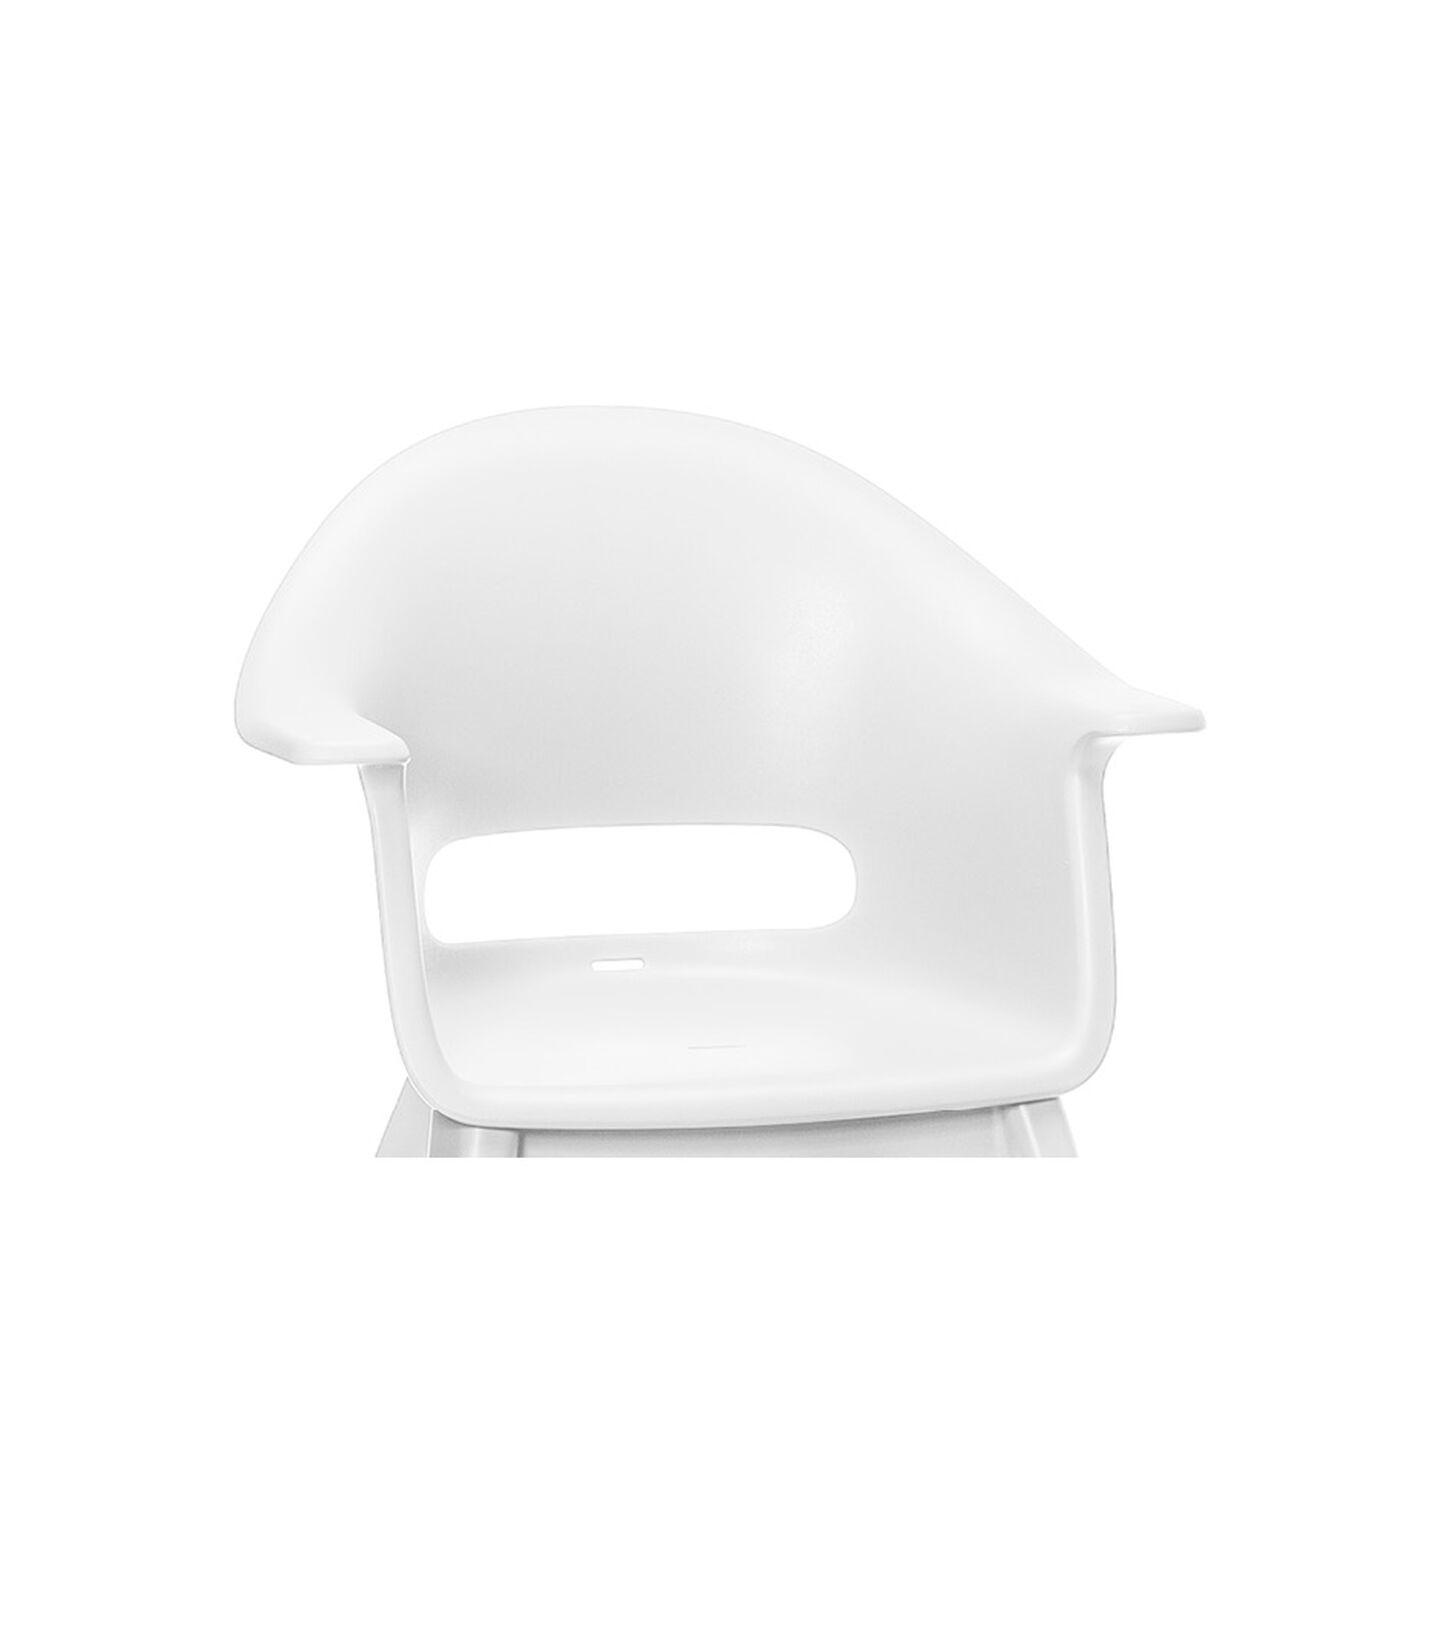 Stokke® Clikk™ Seat White, White, mainview view 1